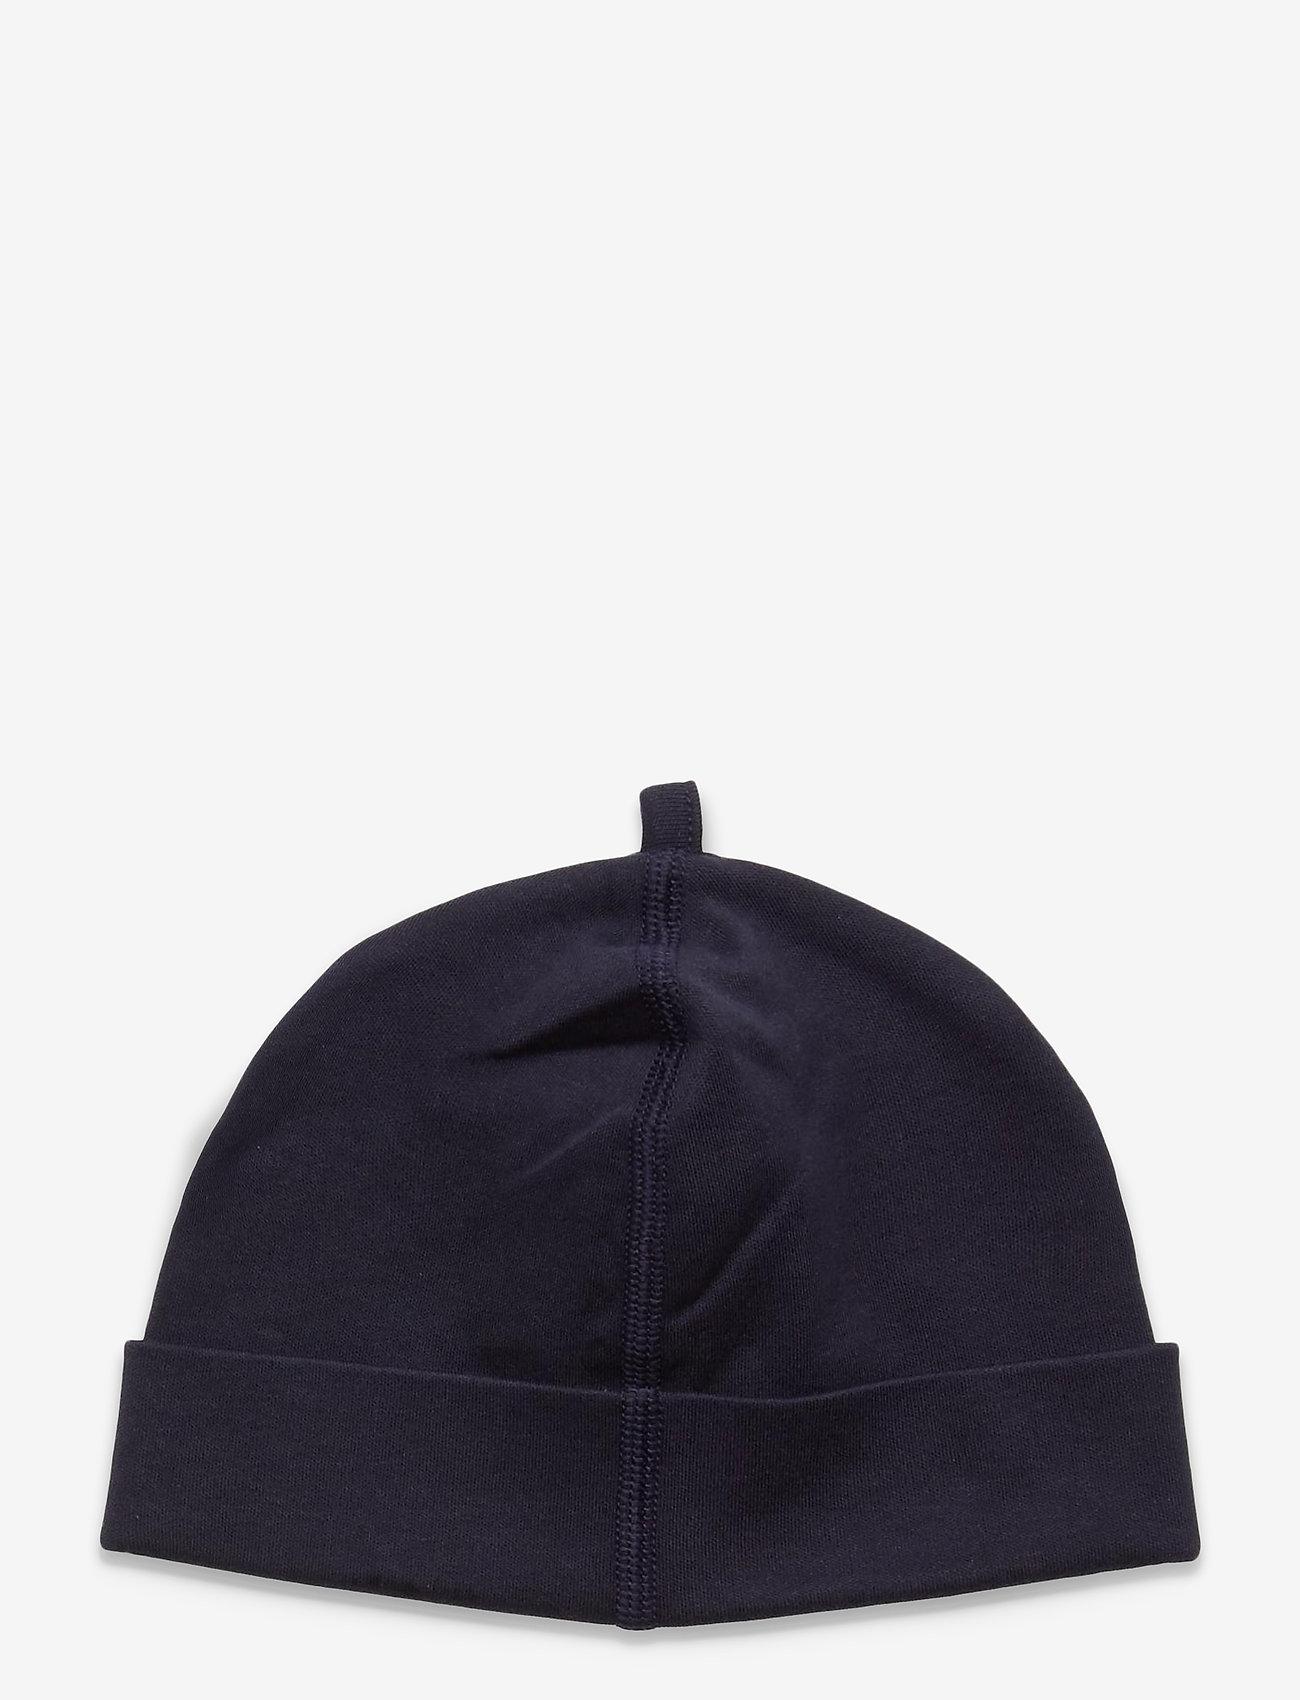 GANT - LOCK-UP ORGANIC COTTON BEANIE - hatte og handsker - evening blue - 1